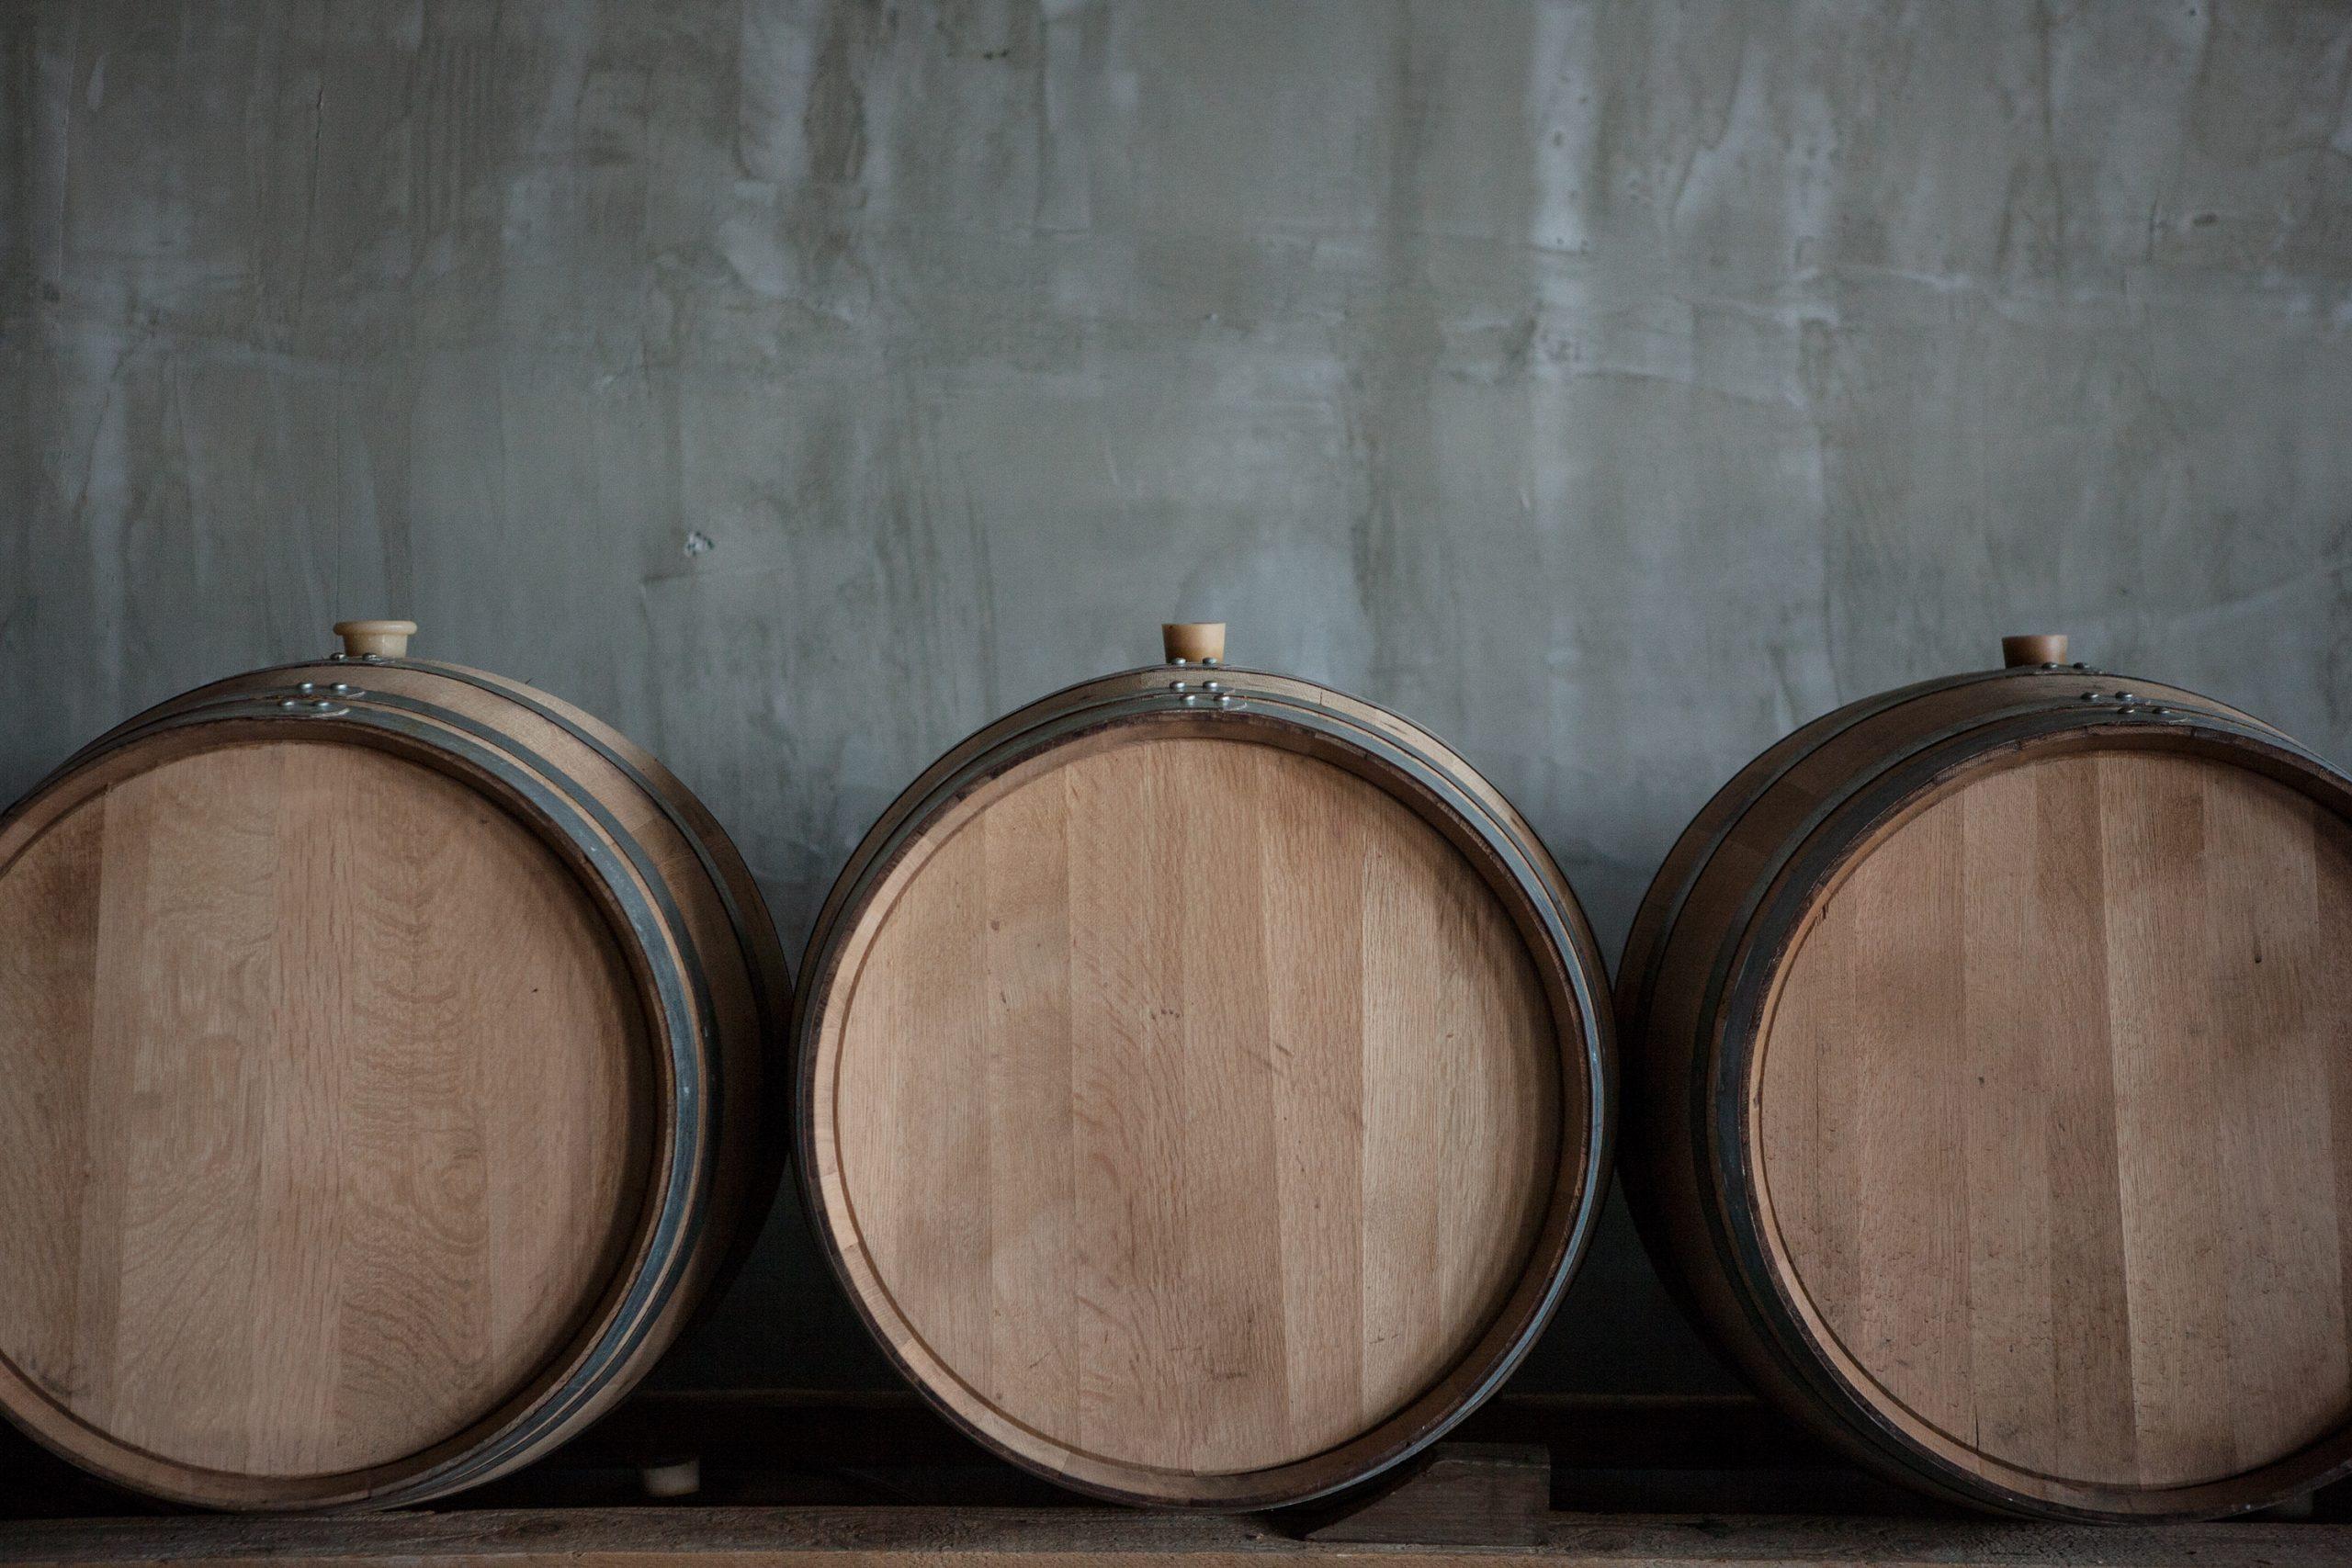 Les barriques de vin